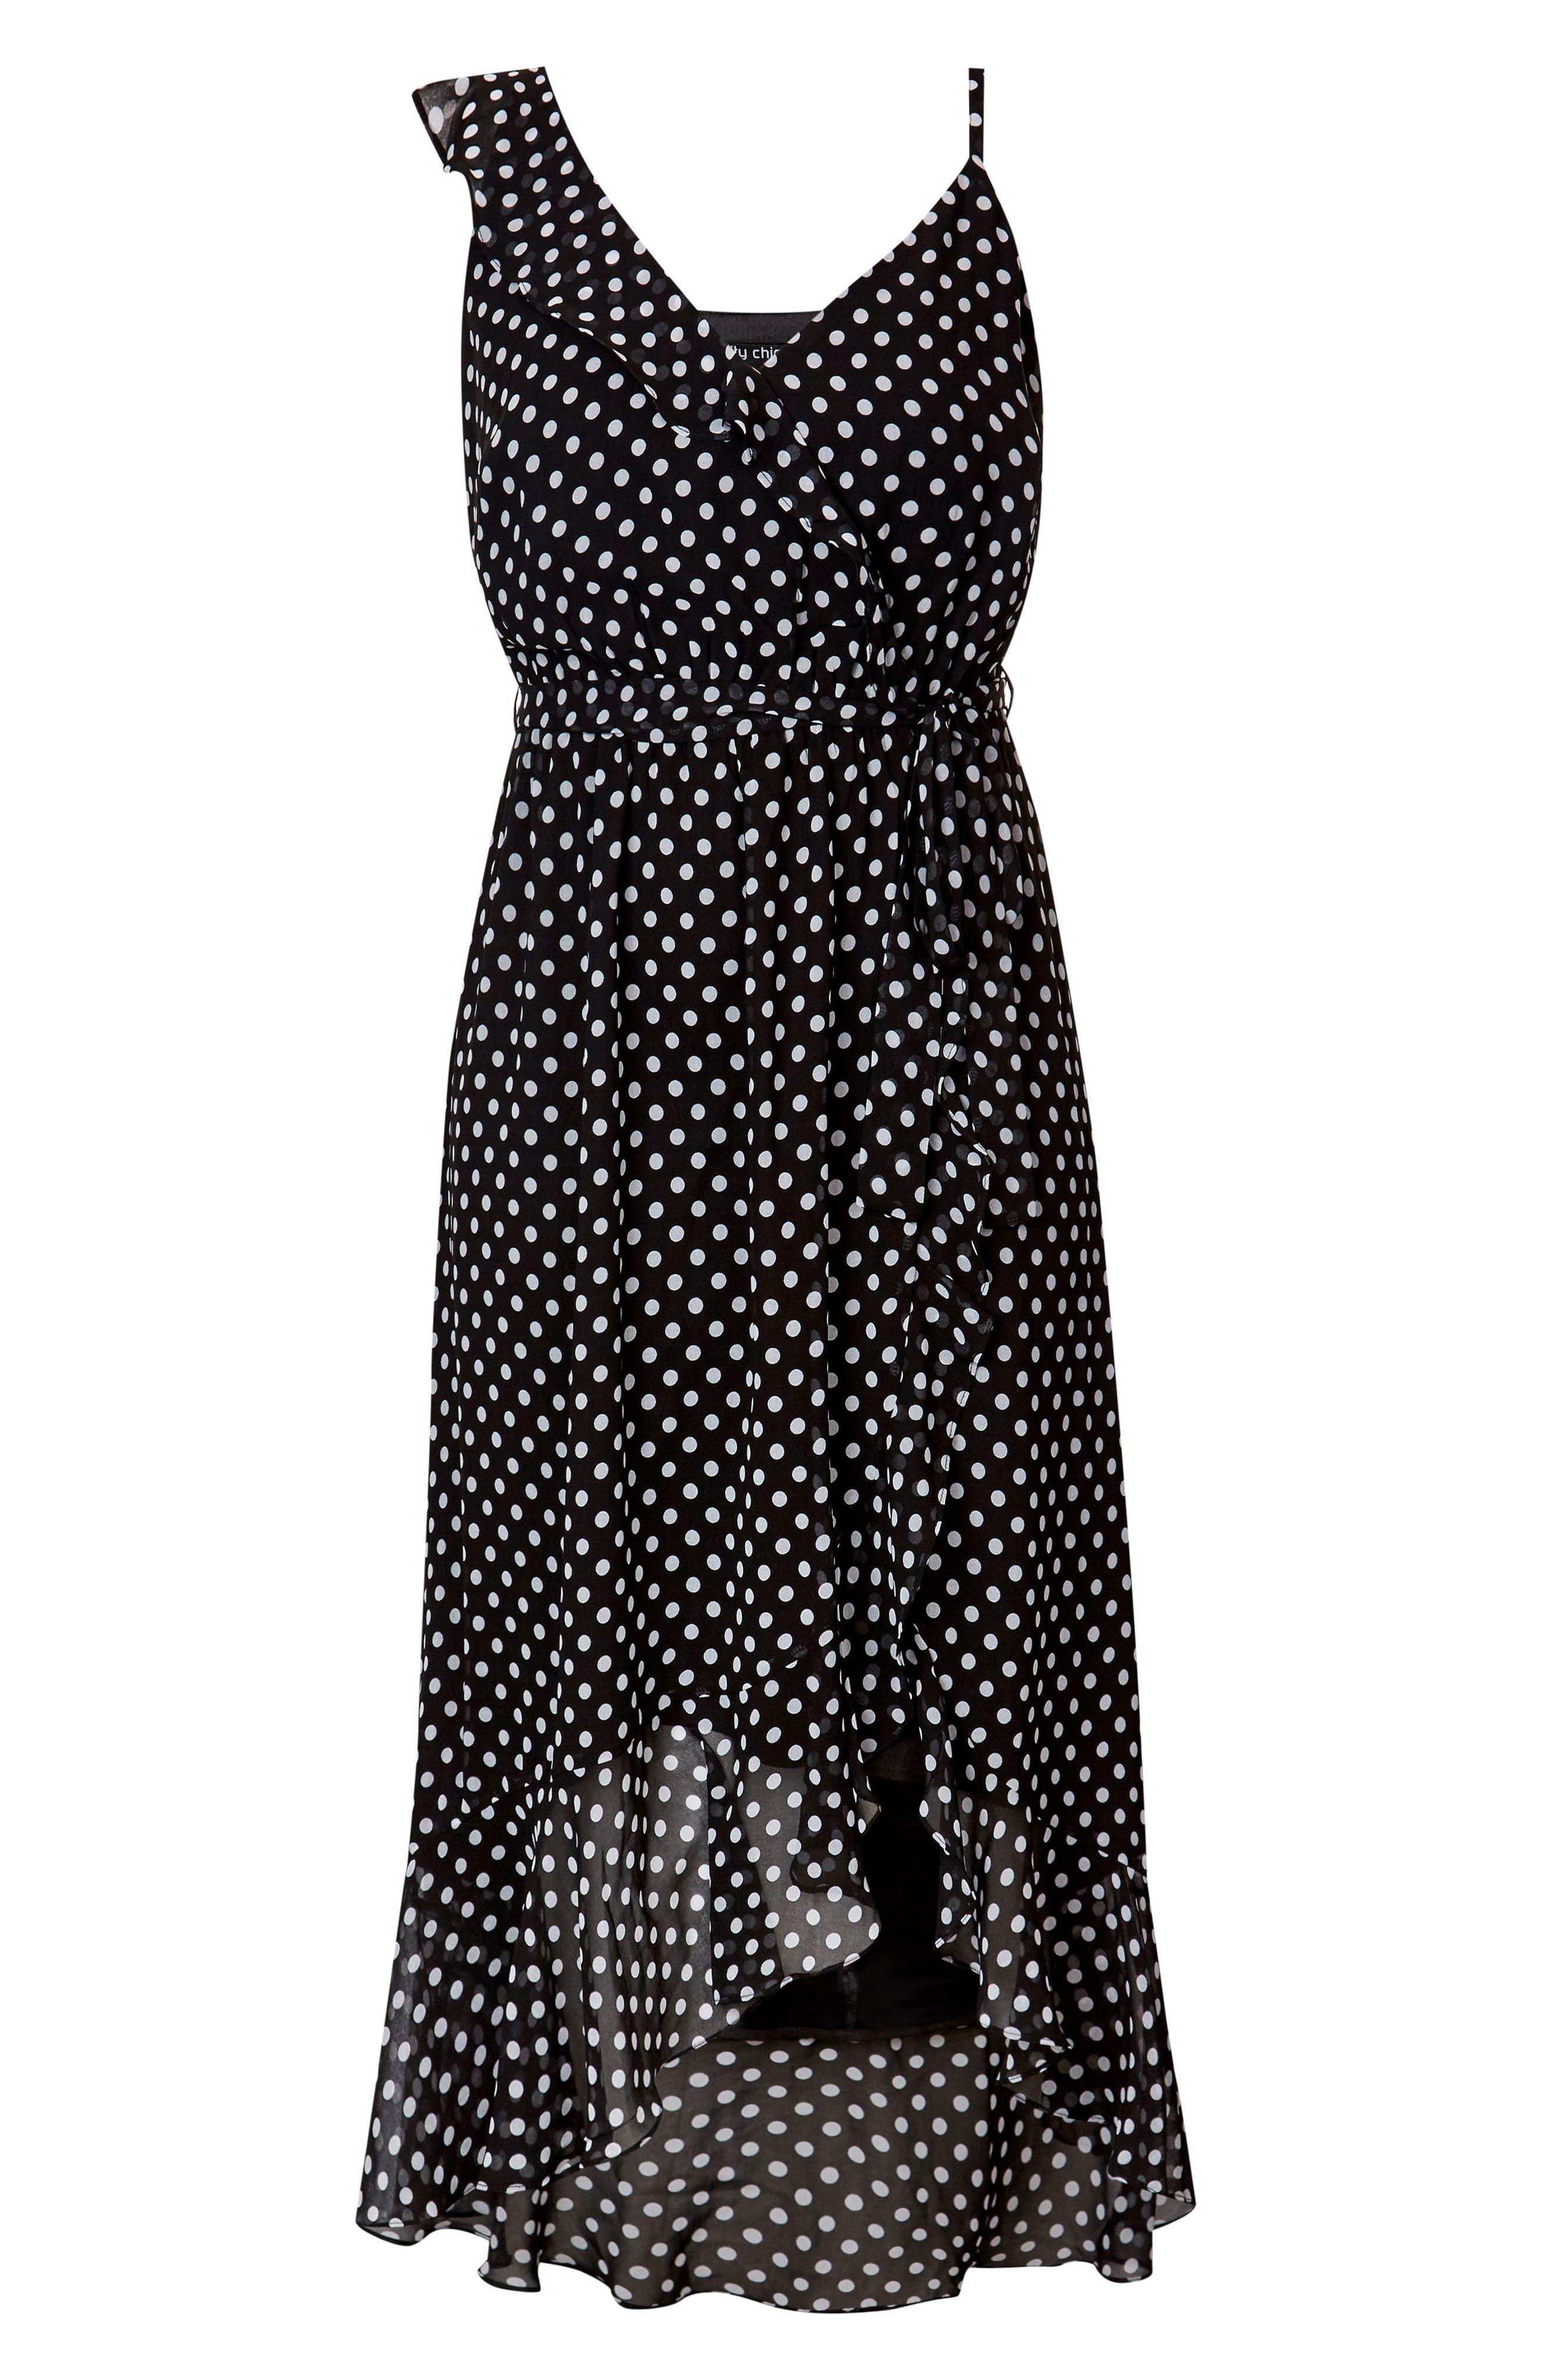 Dot Asymmetrical Wrap Dress,                             Alternate thumbnail 3, color,                             White Spot